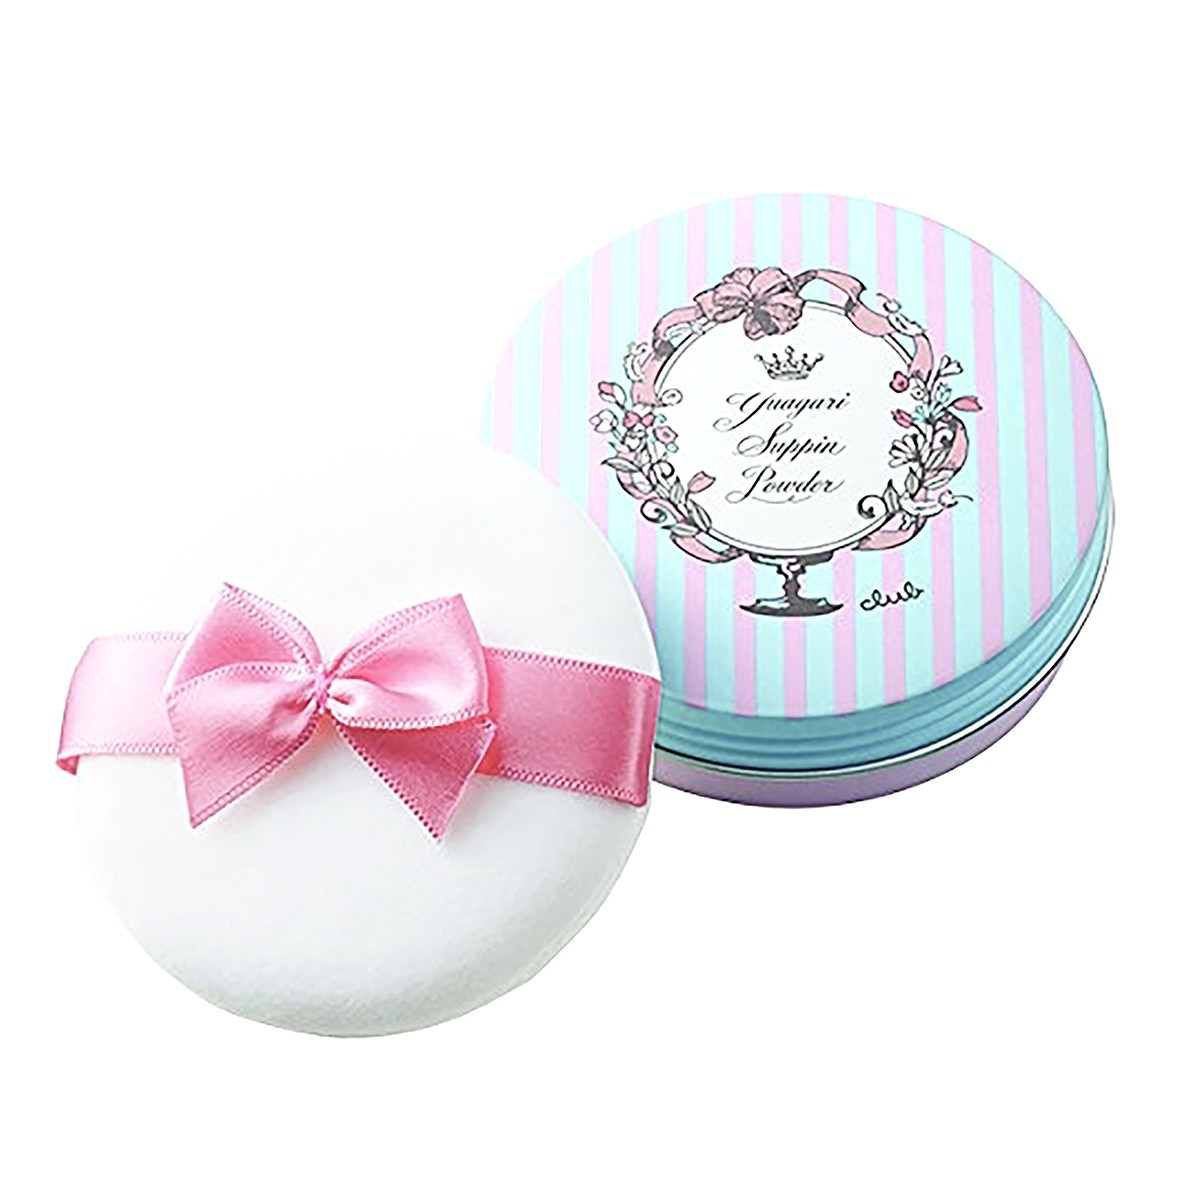 日本CLUB 出浴素颜美白保湿护肤蜜粉饼 #玫瑰香 26g COSME大赏受赏